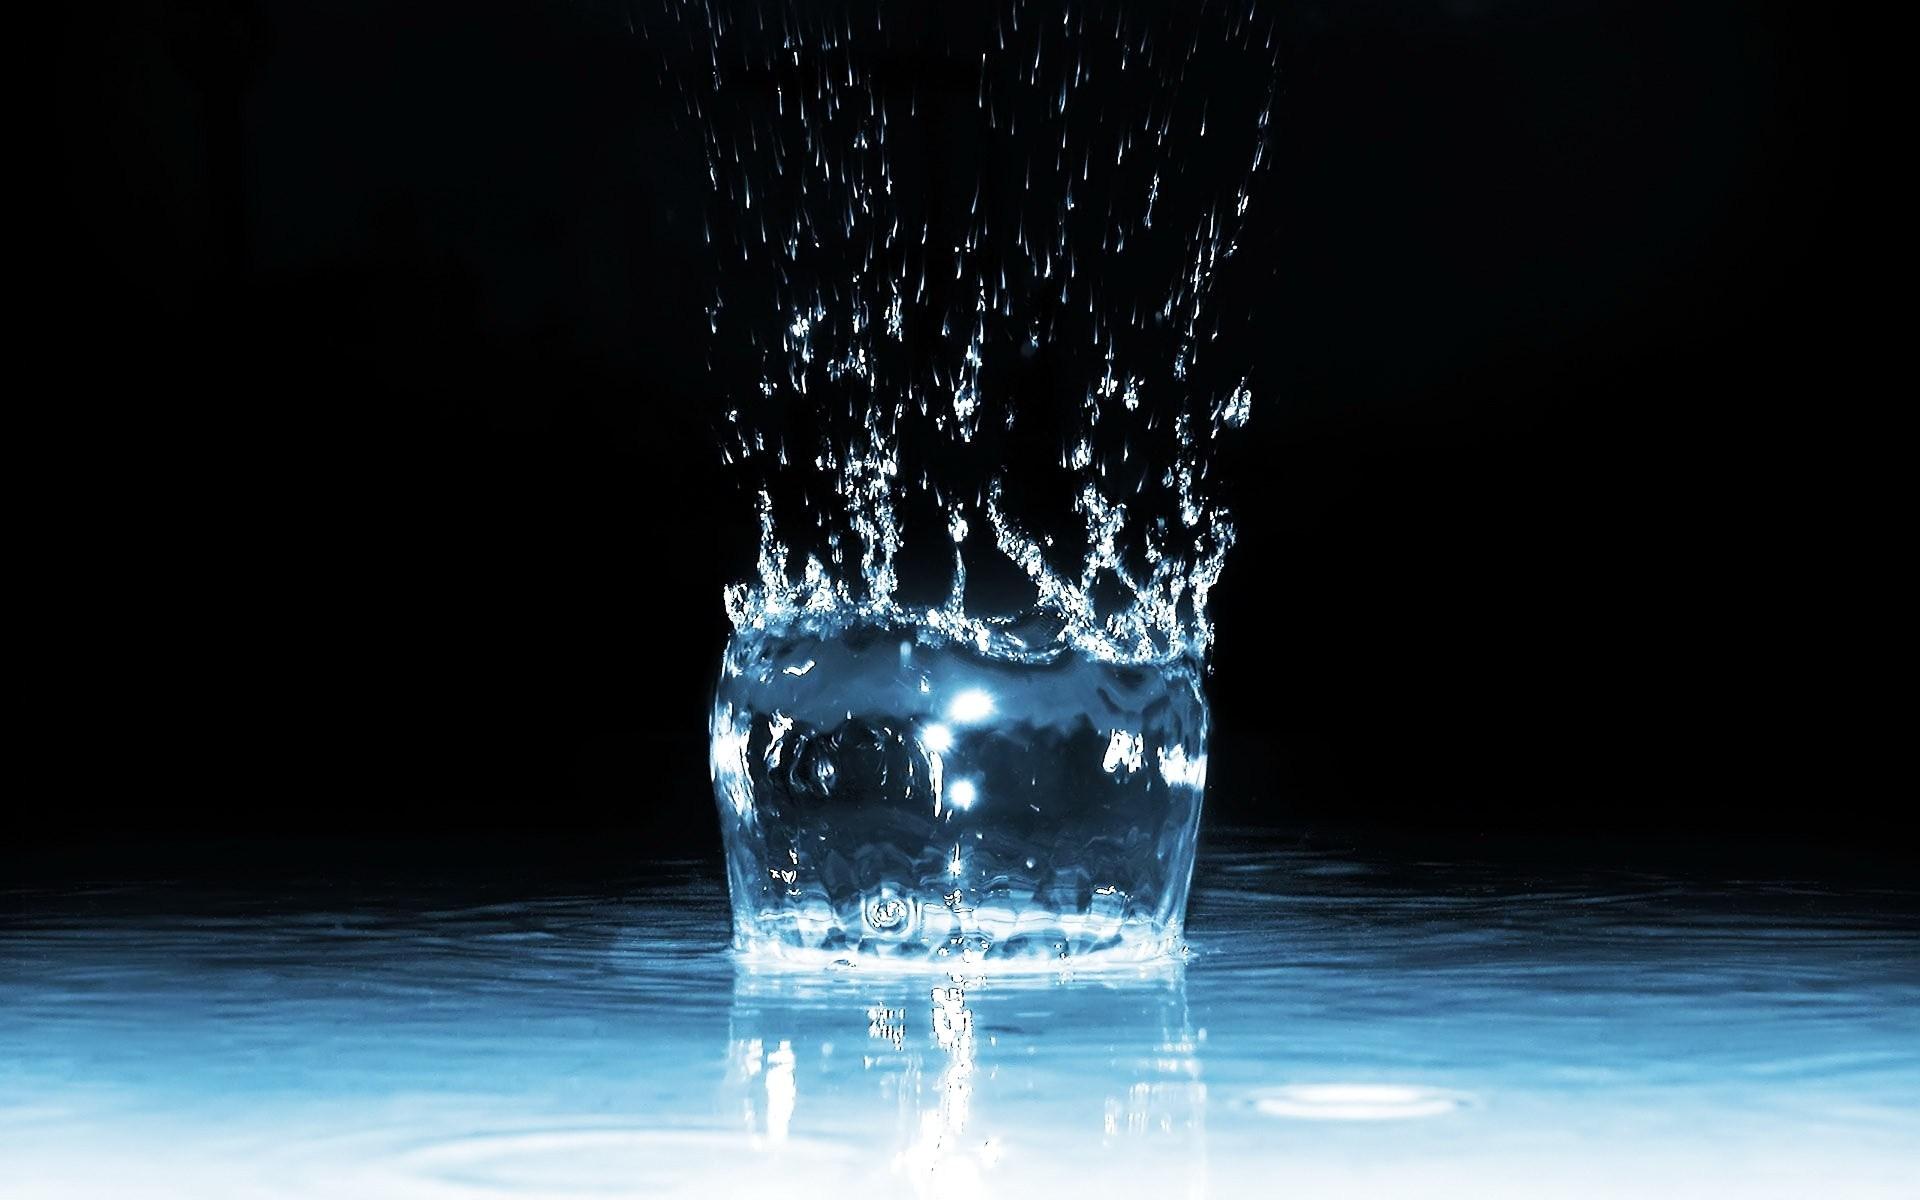 Water Spray Liquid Wallpaper